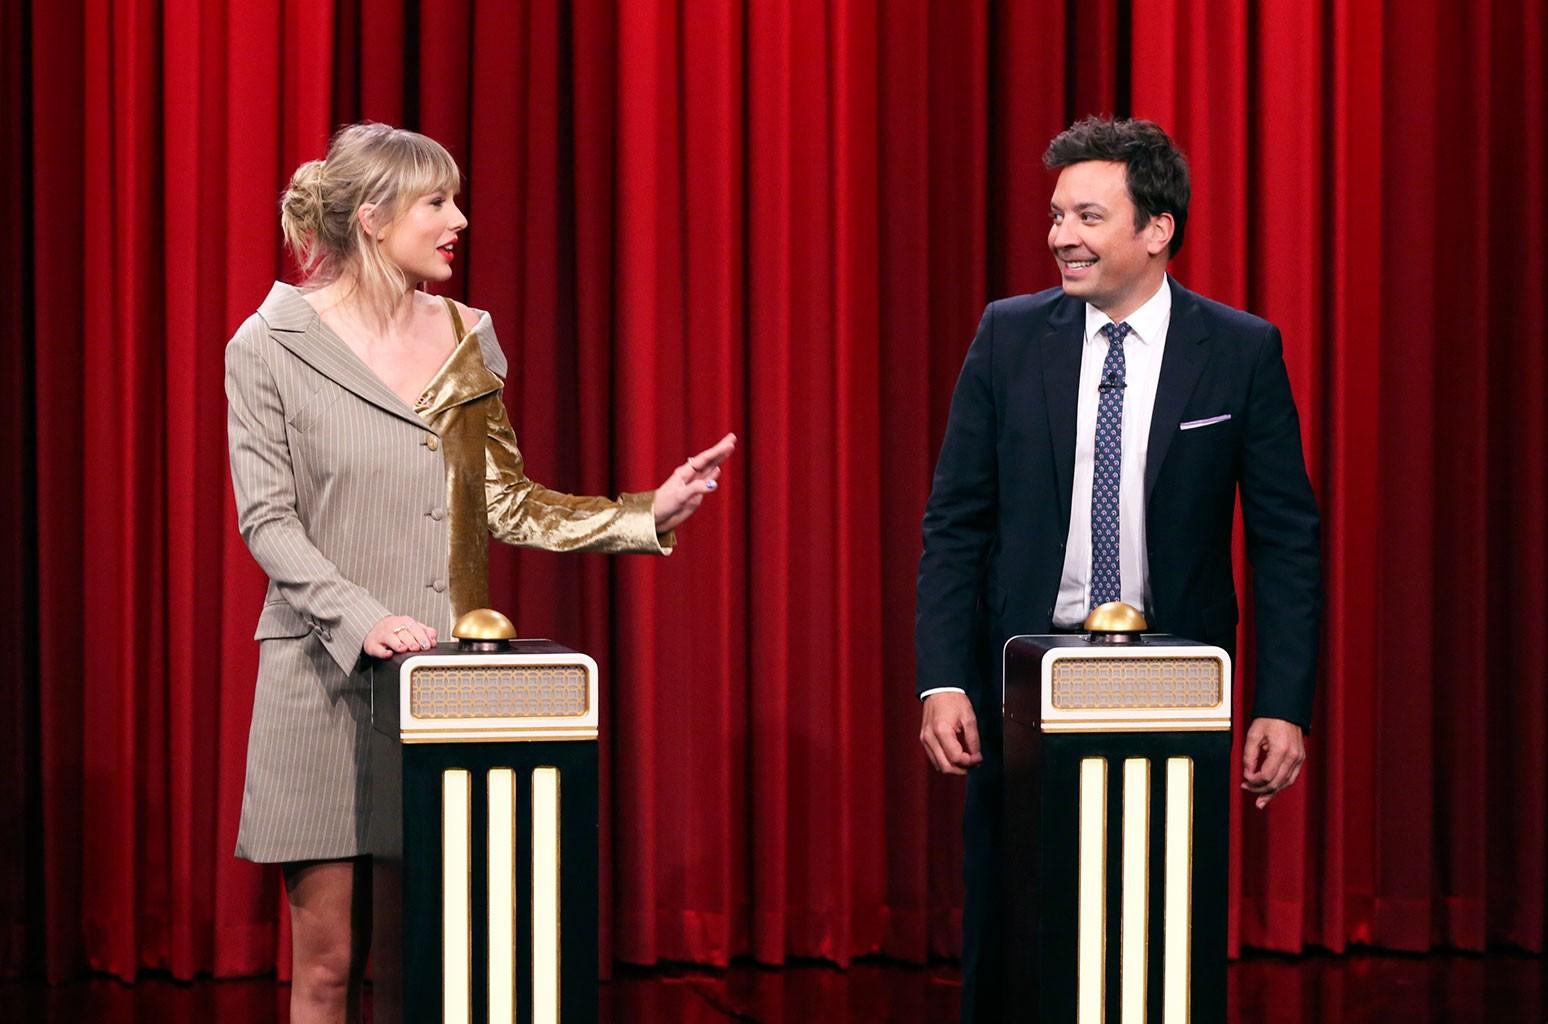 Taylor Swift and Jimmy Fallon